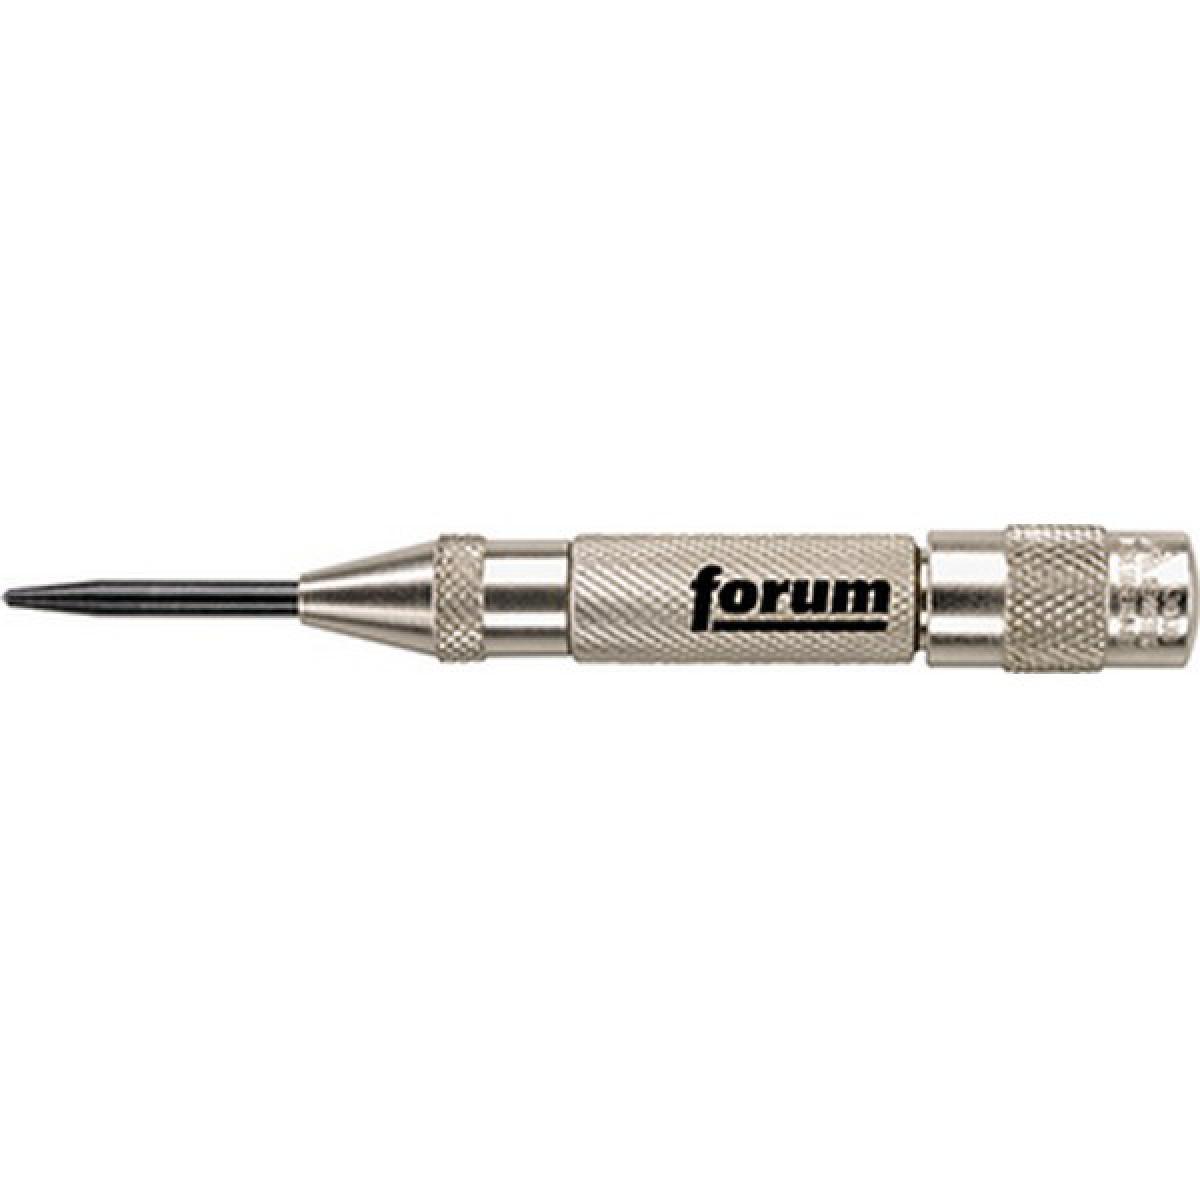 Forum Pointeau automatique, Ø : 3,5 mm, Long. 95 mm, Ø de tige 11 mm